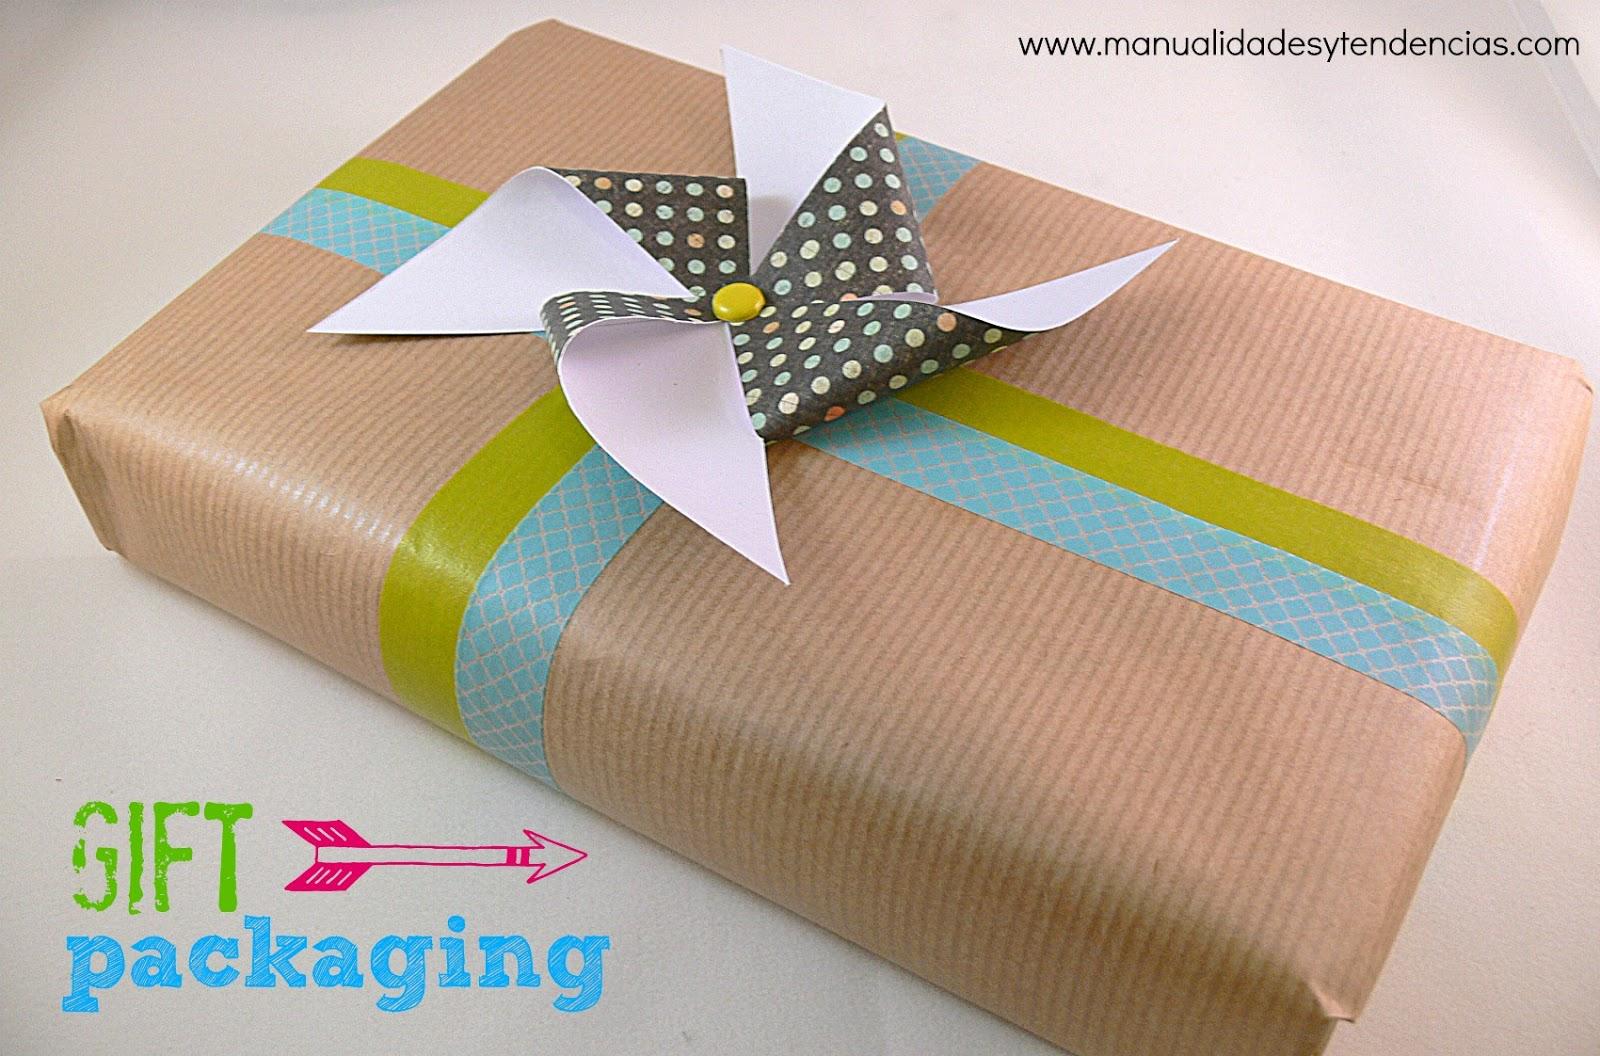 envoltorios de regalo originales original gift packaging